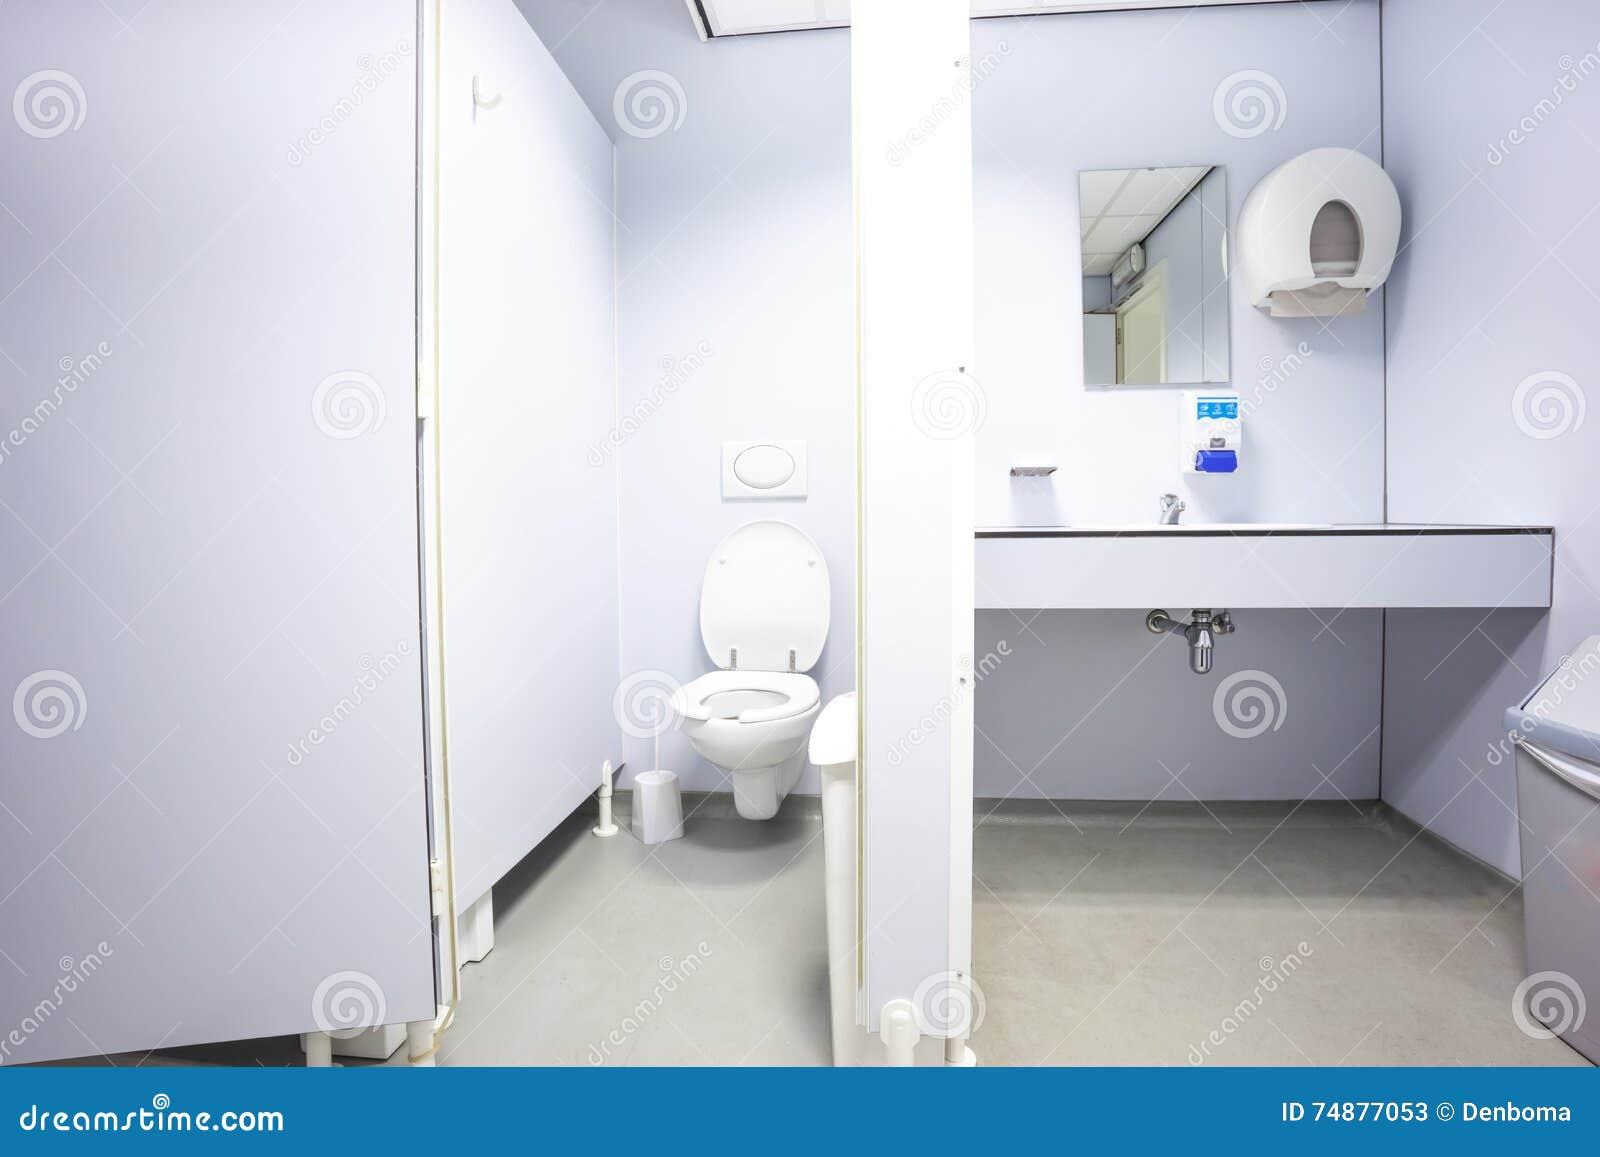 Portas dos toaletes e dos dissipadores